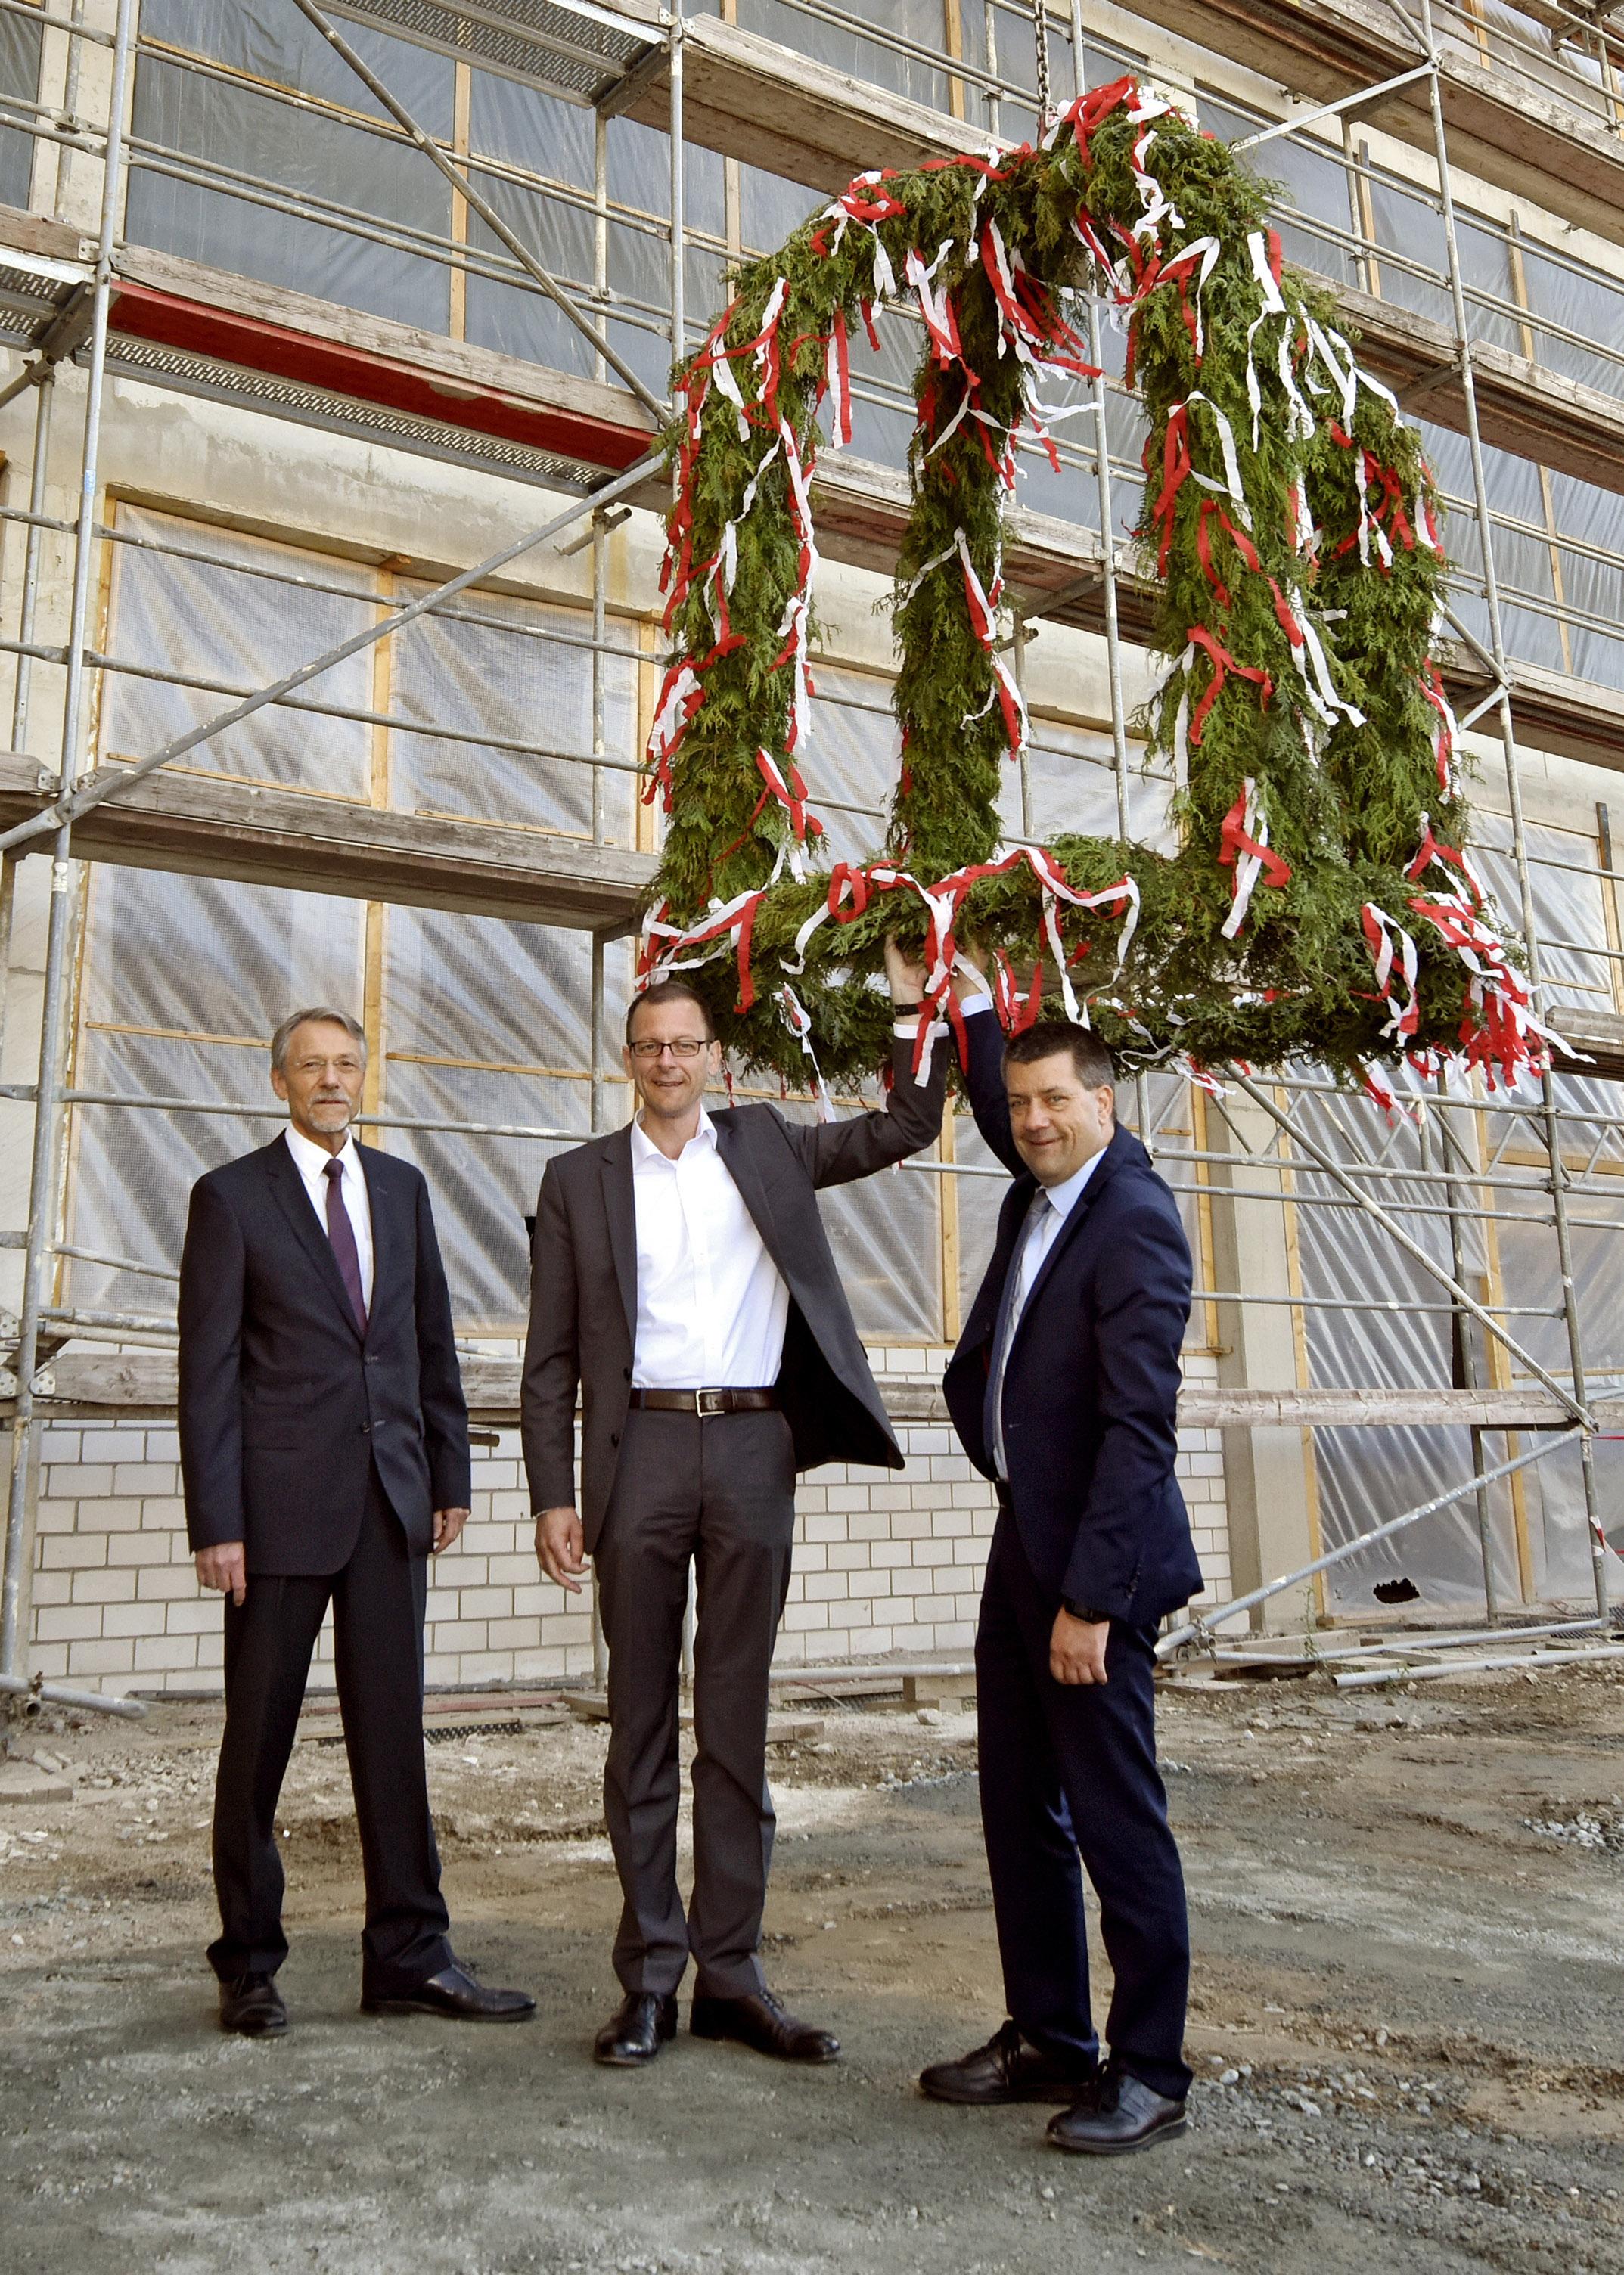 Drei Männer neben einem Richtkranz, der gehisst wird